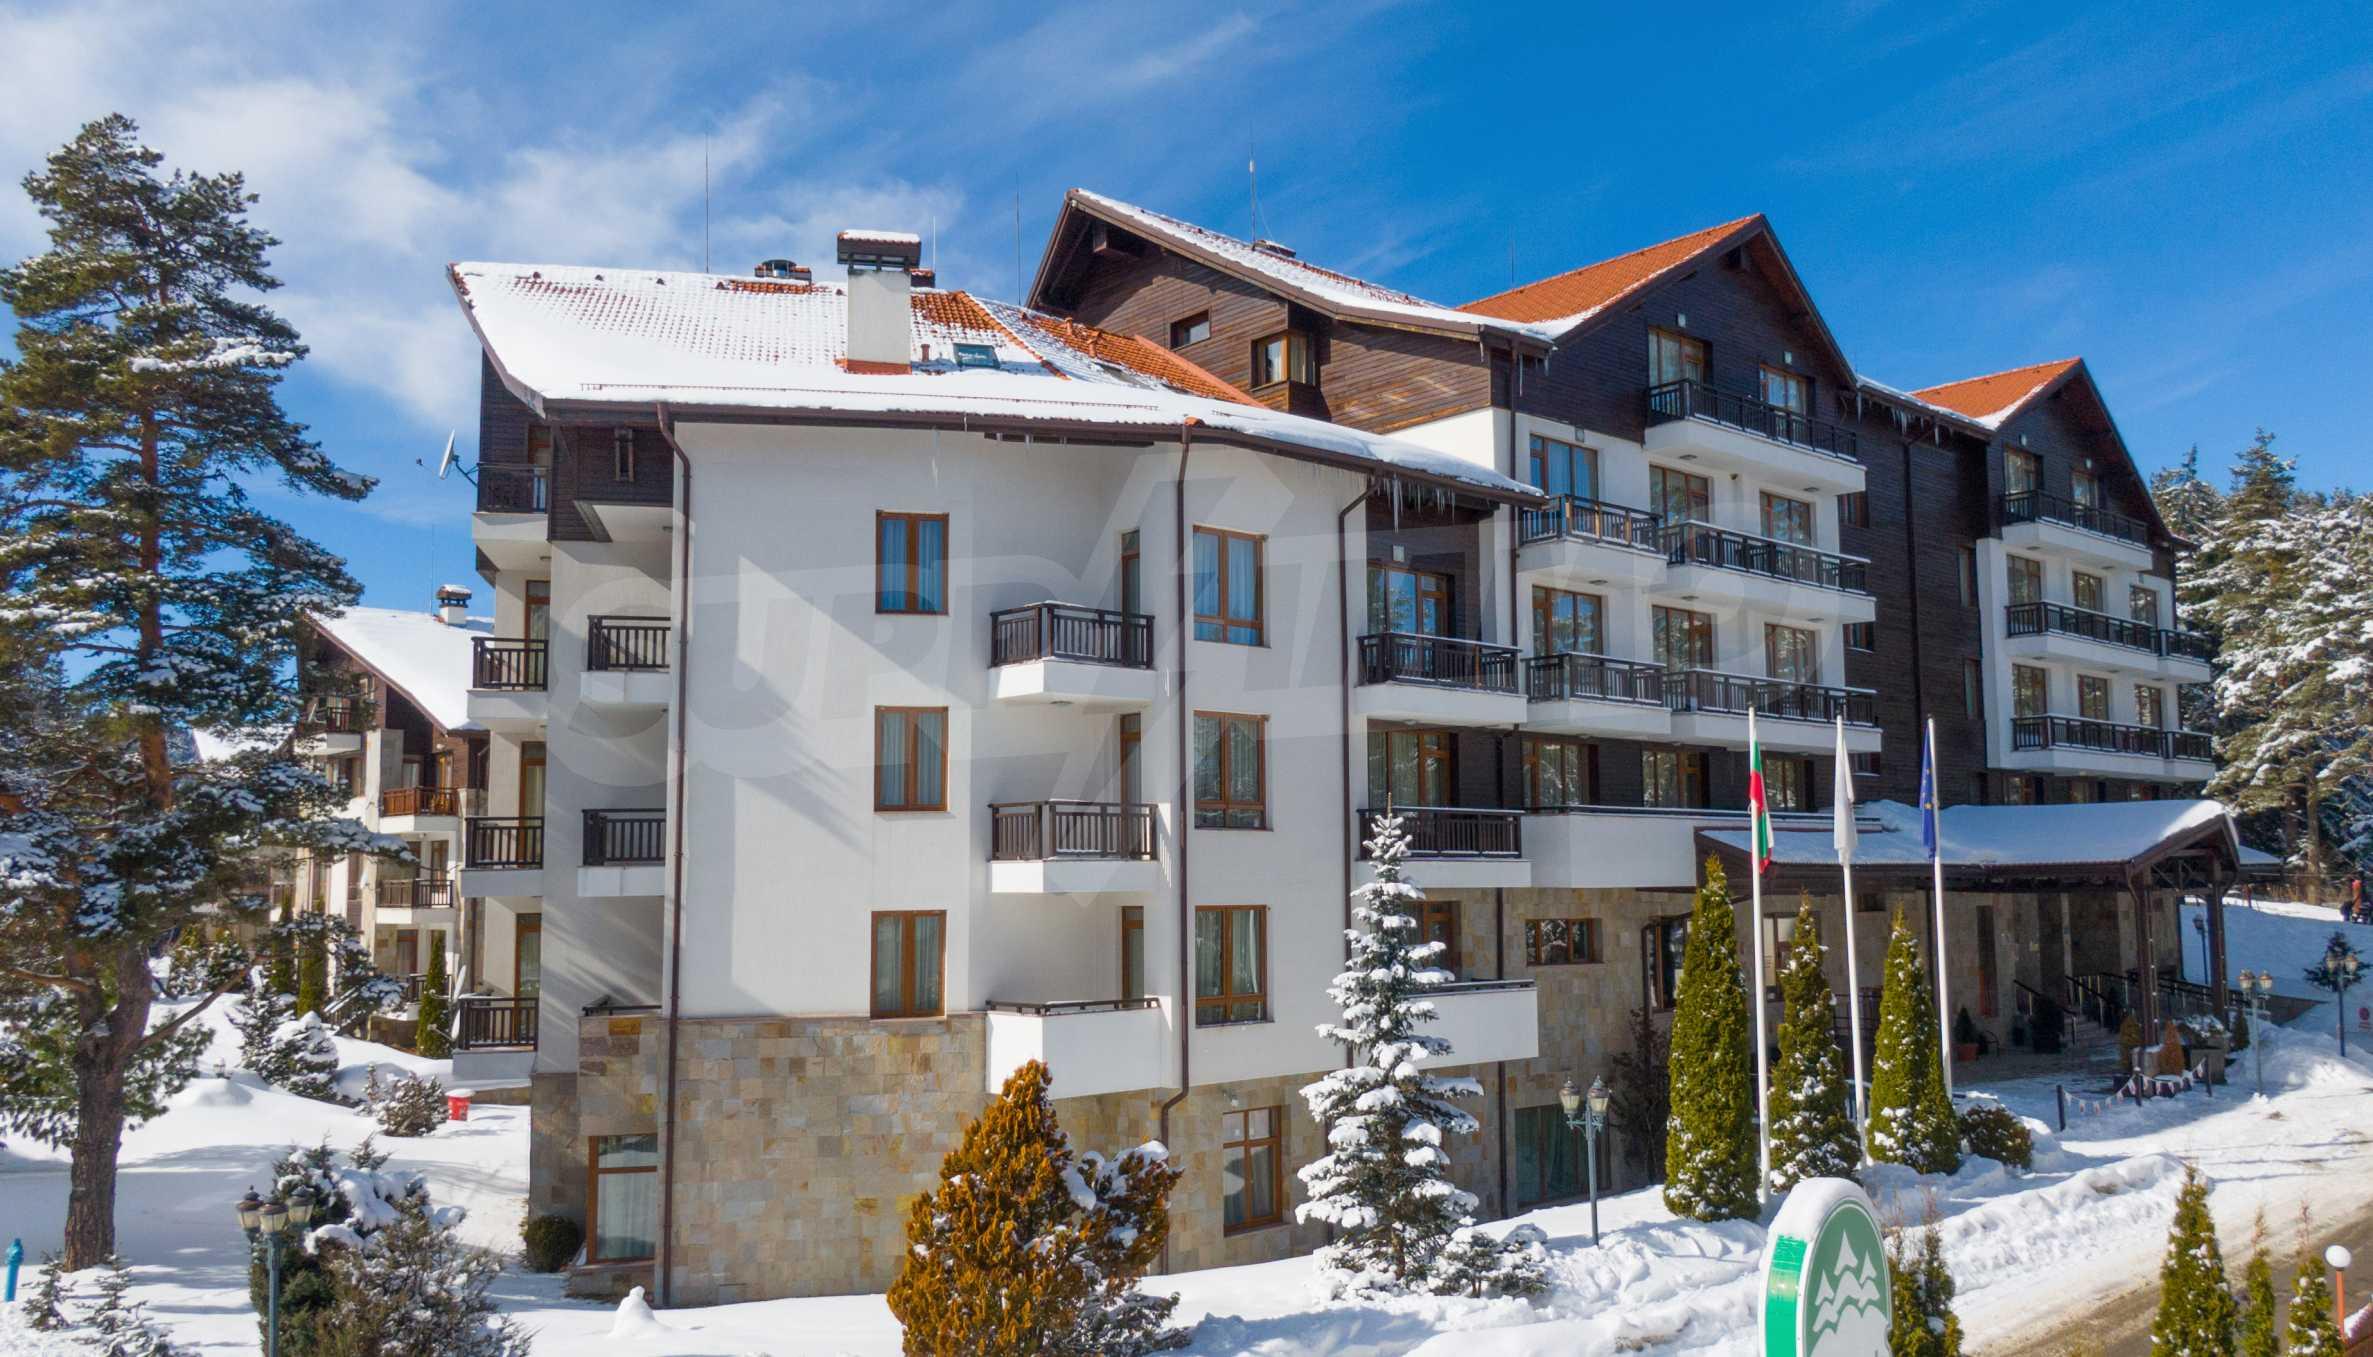 Erstklassige Wohnungen zum Verkauf Meter von der Yastrebets-Strecke in Borovets entfernt 16